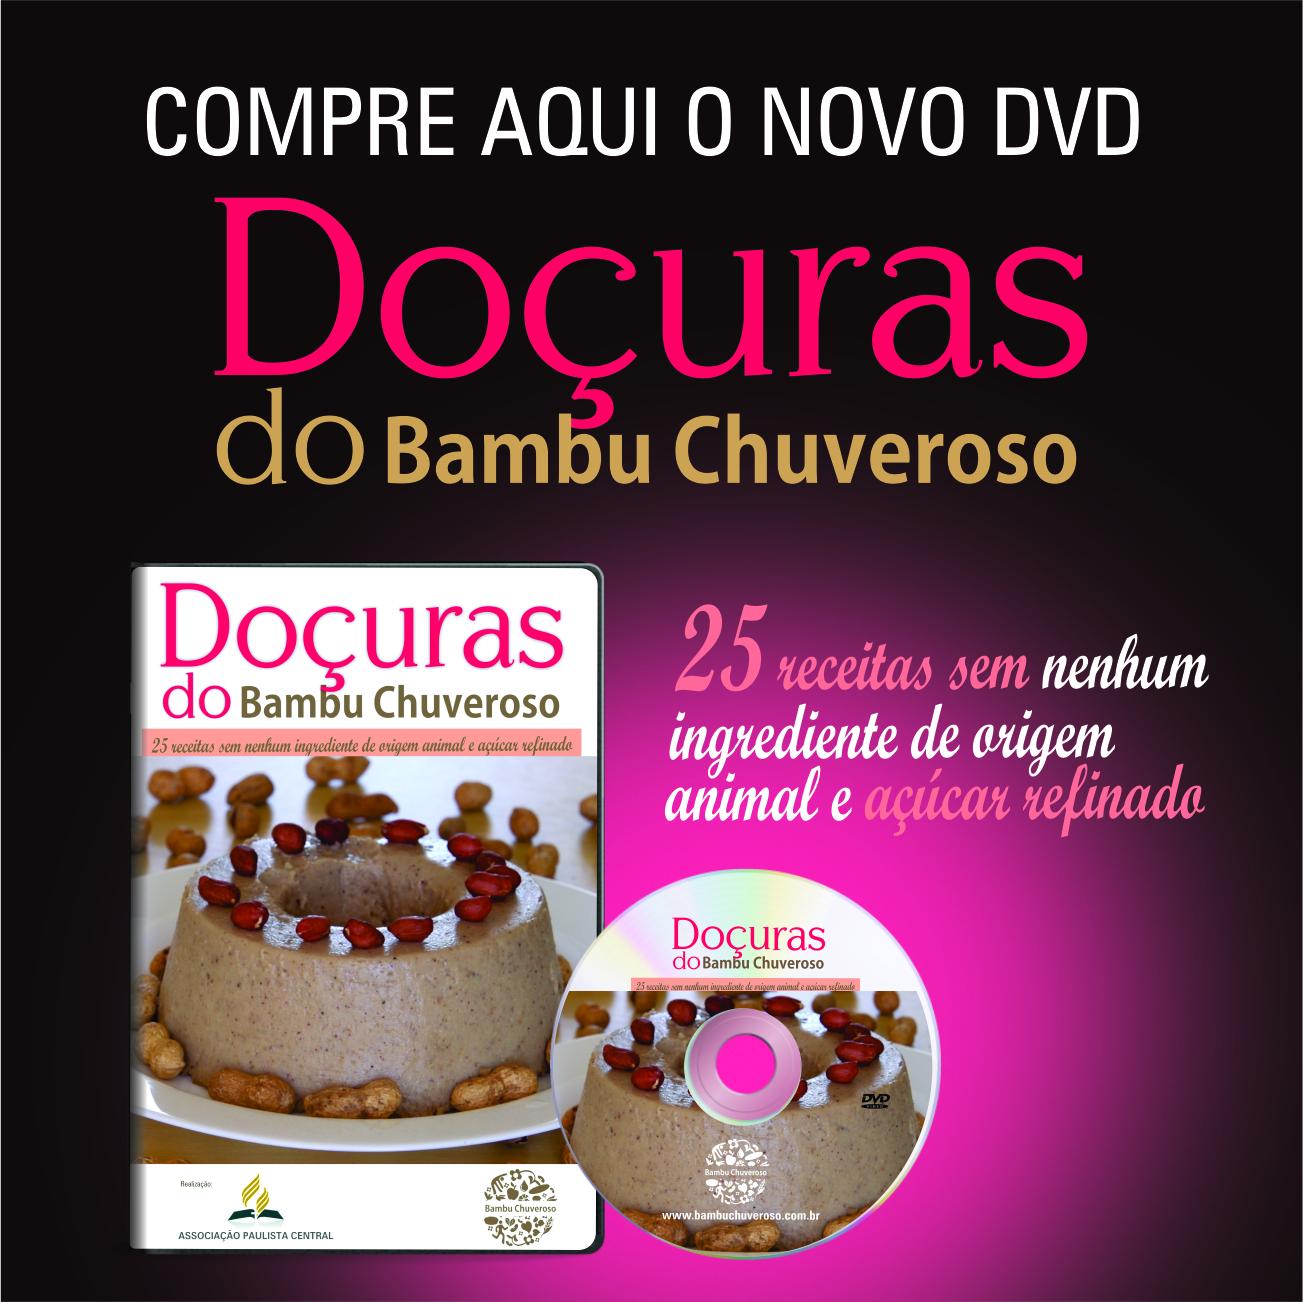 DVD Doçuras